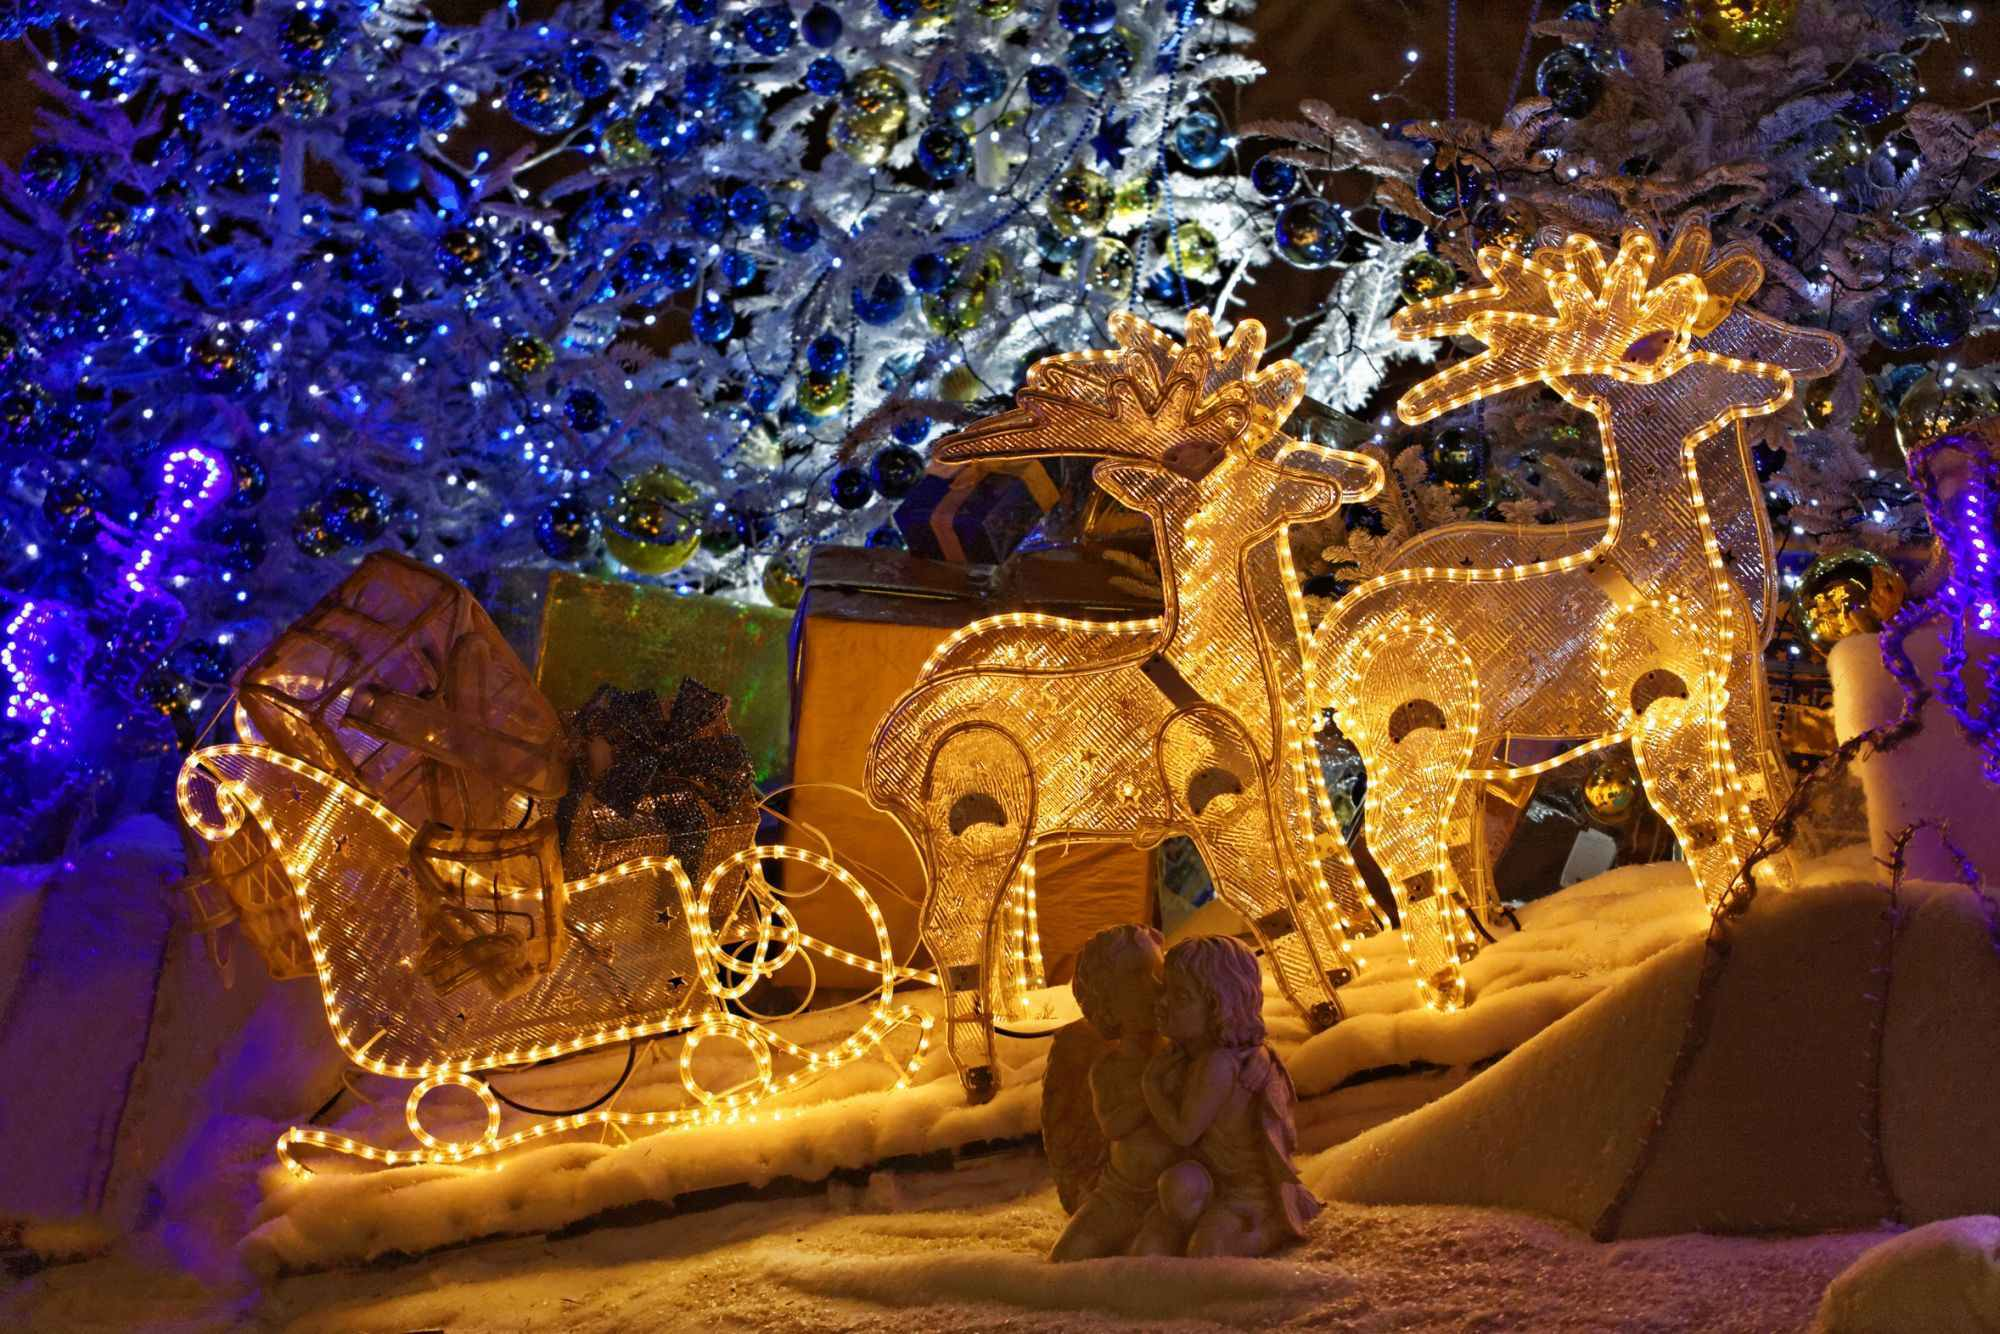 Bilder Weihnachtsmarkt.Weihnachtsmarkt Weimar Infos Zum Einem Der Schönsten